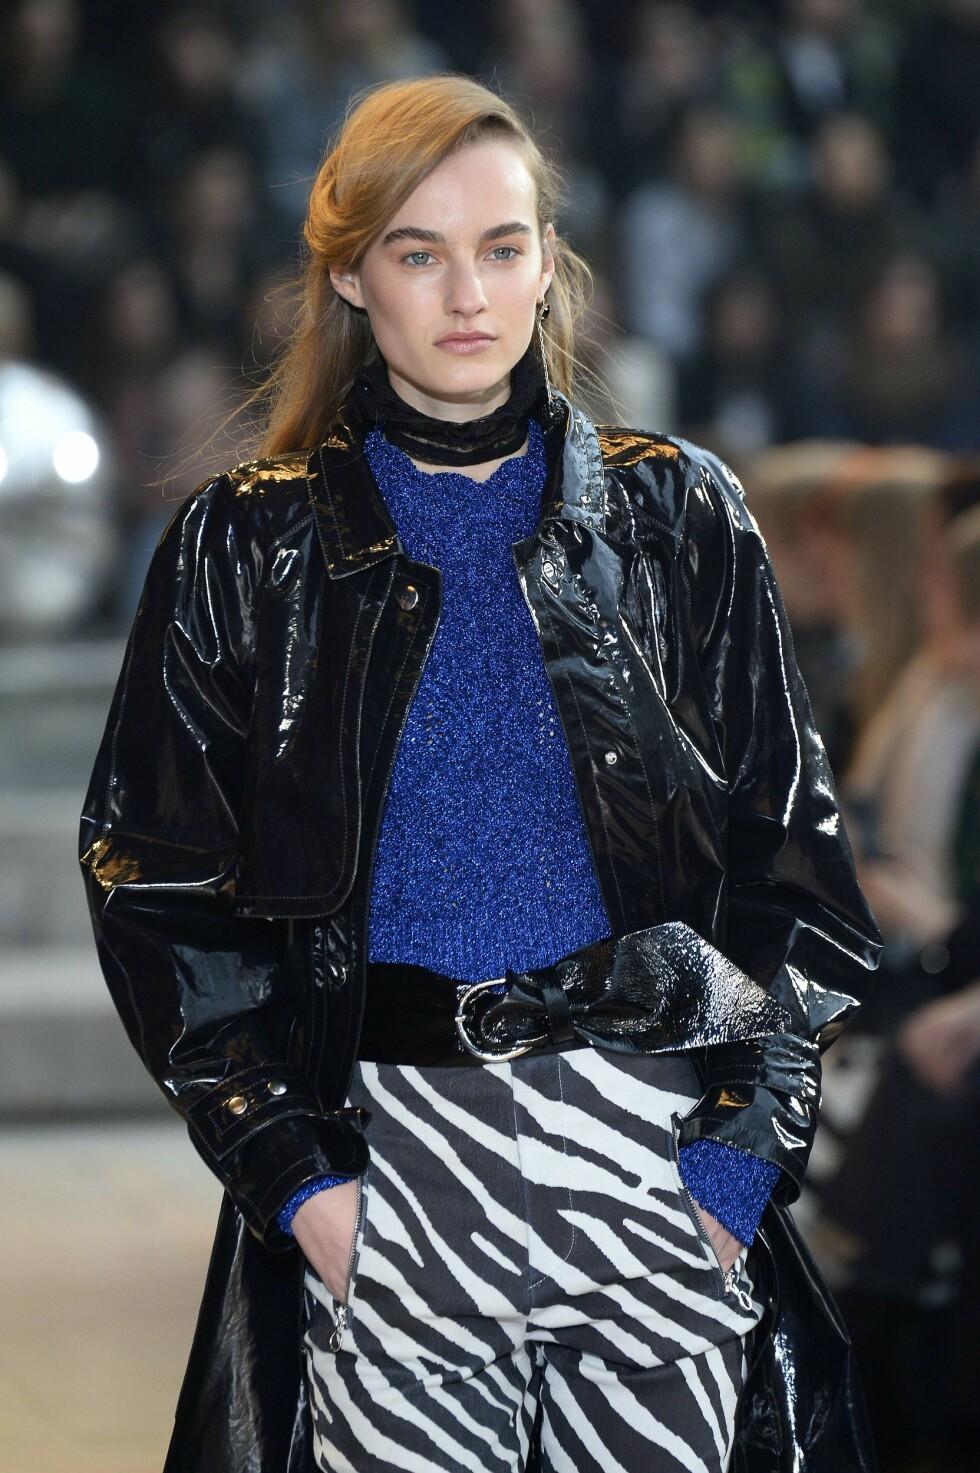 DETALJER: I tillegg til å bruke en lakkjakke, har designer Isabel Marant brukt lakk i beltet også.